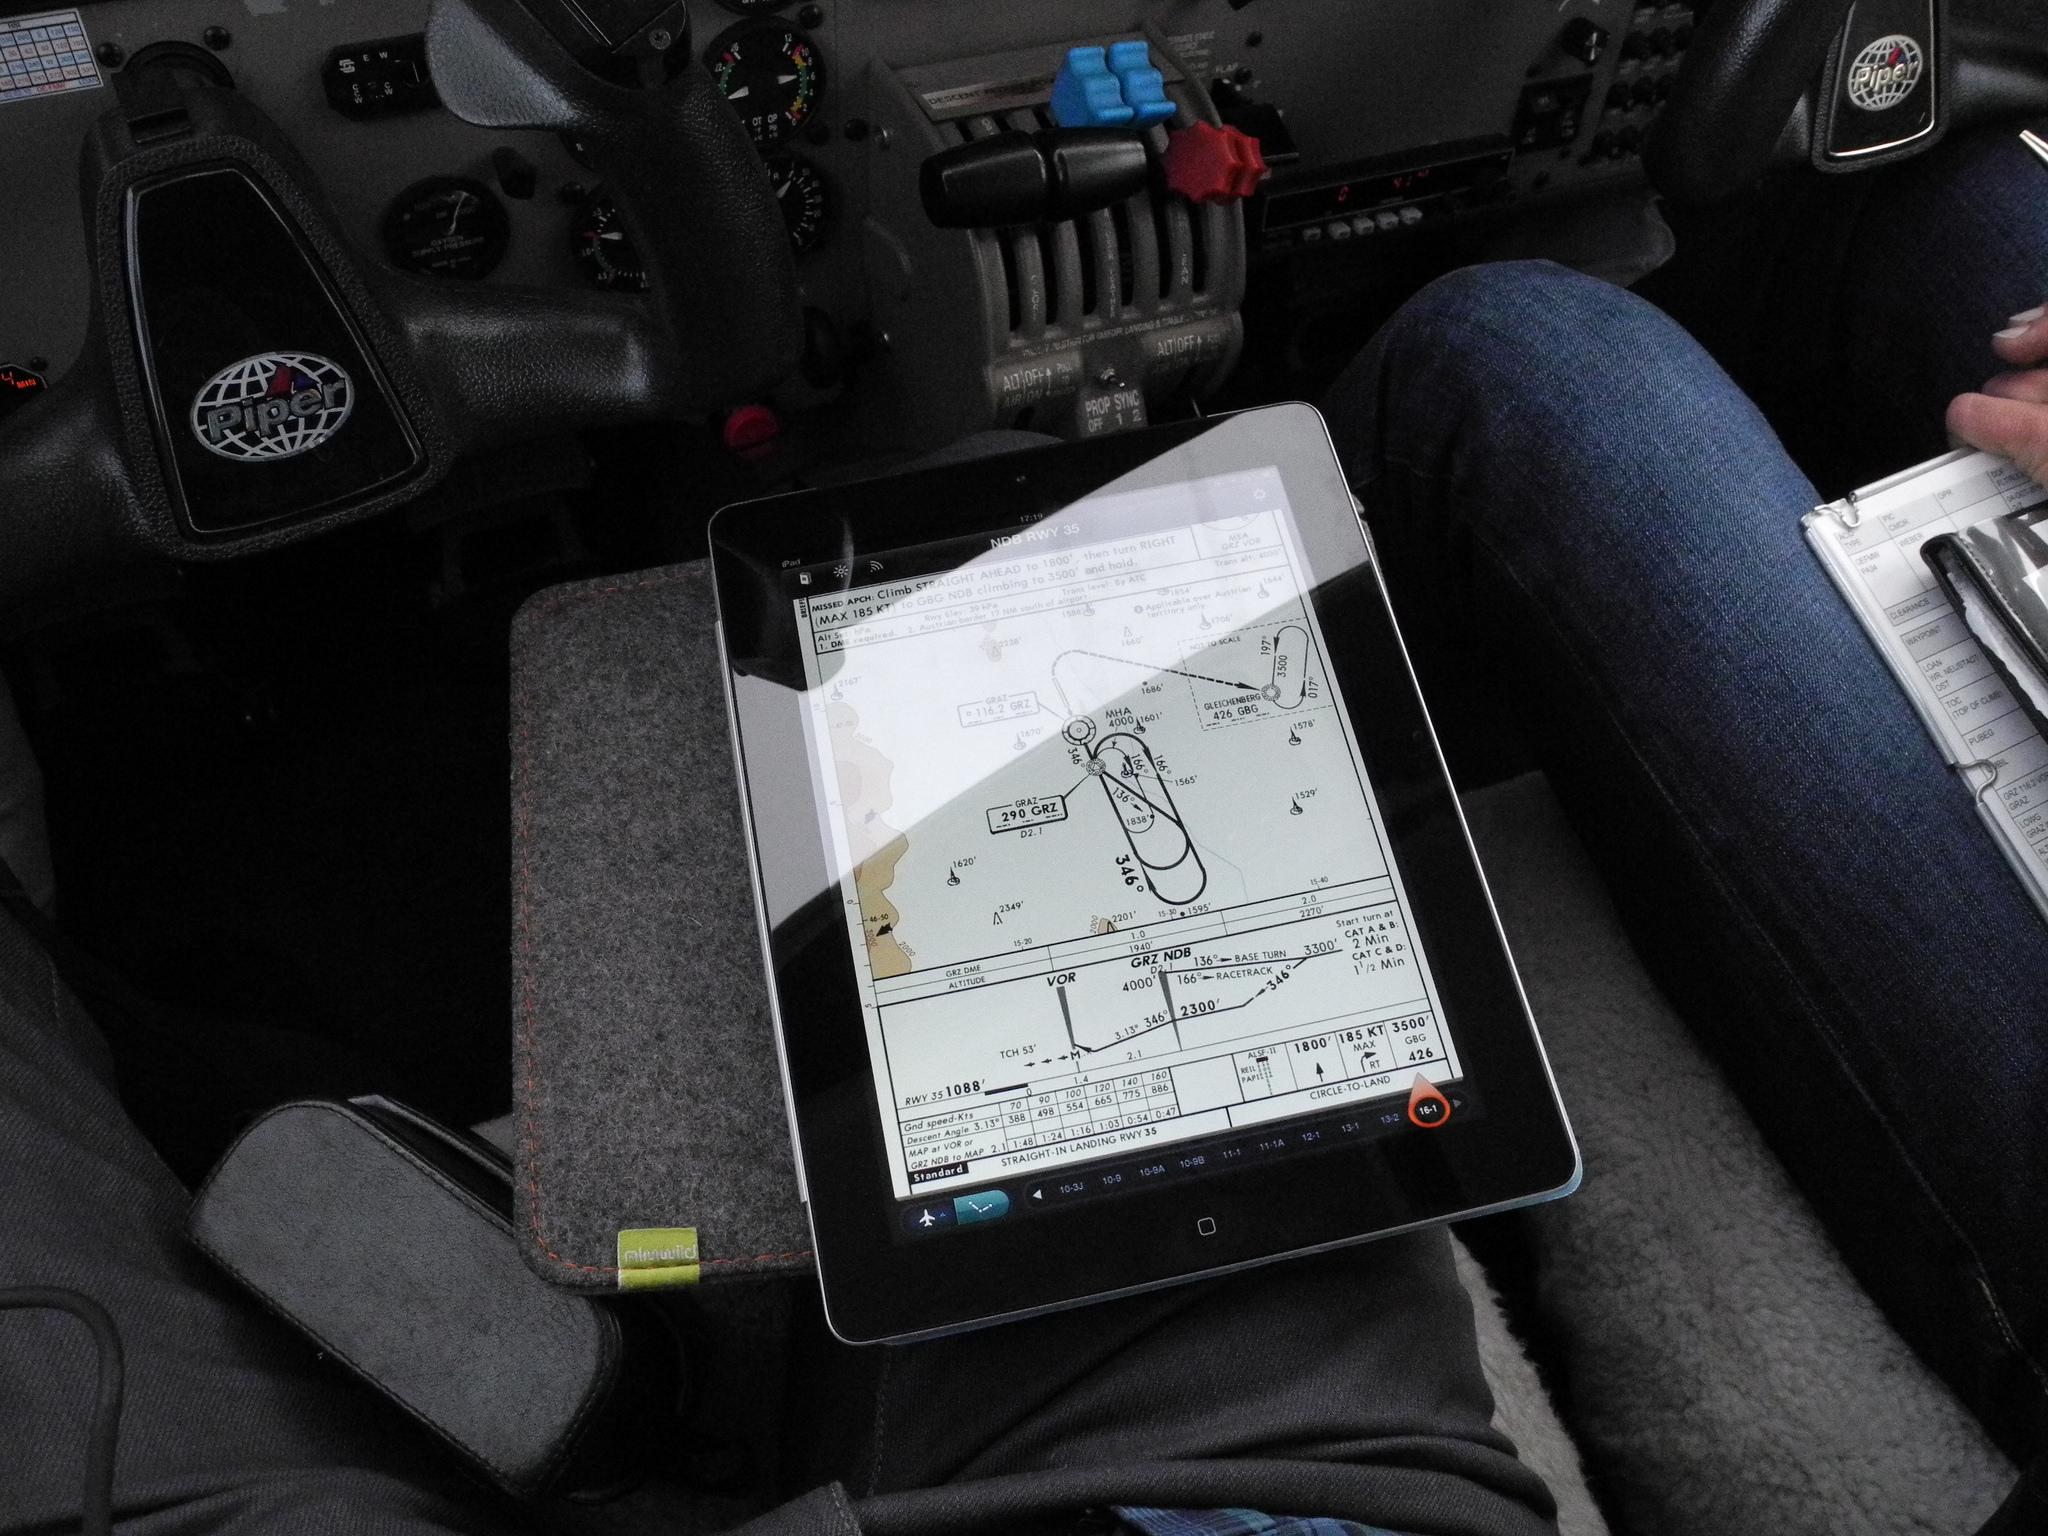 iPad on knee.jpg